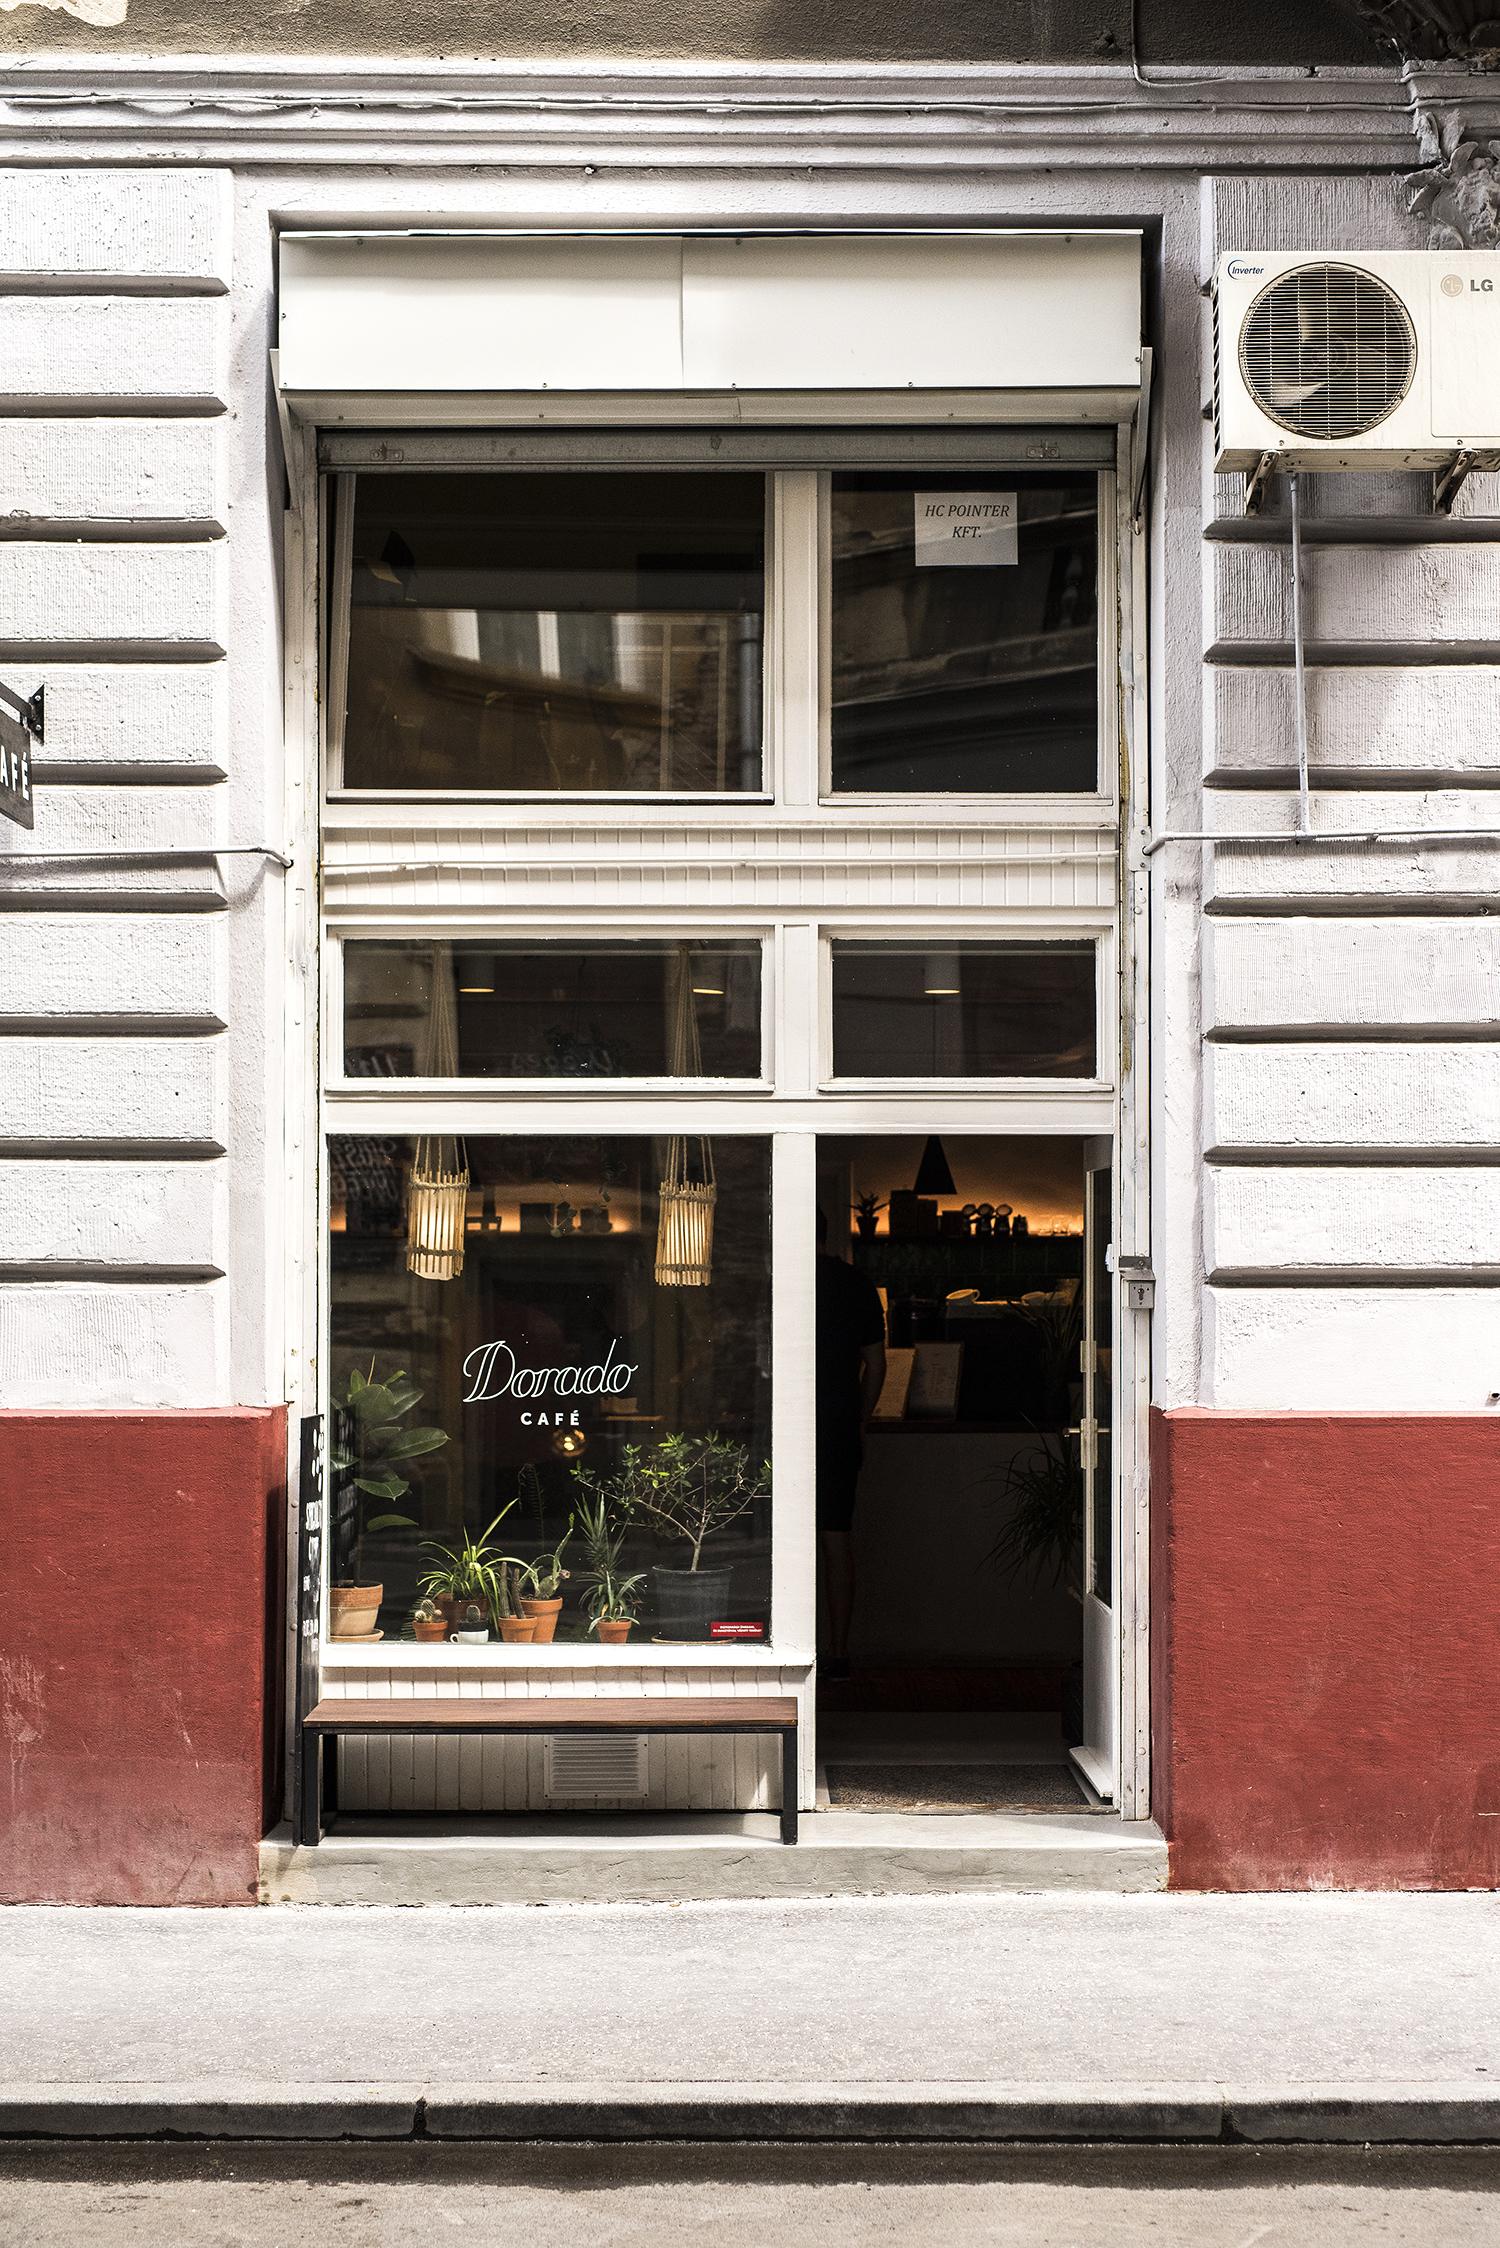 On The Road With BMW, i3, Budapest, Dorado Café